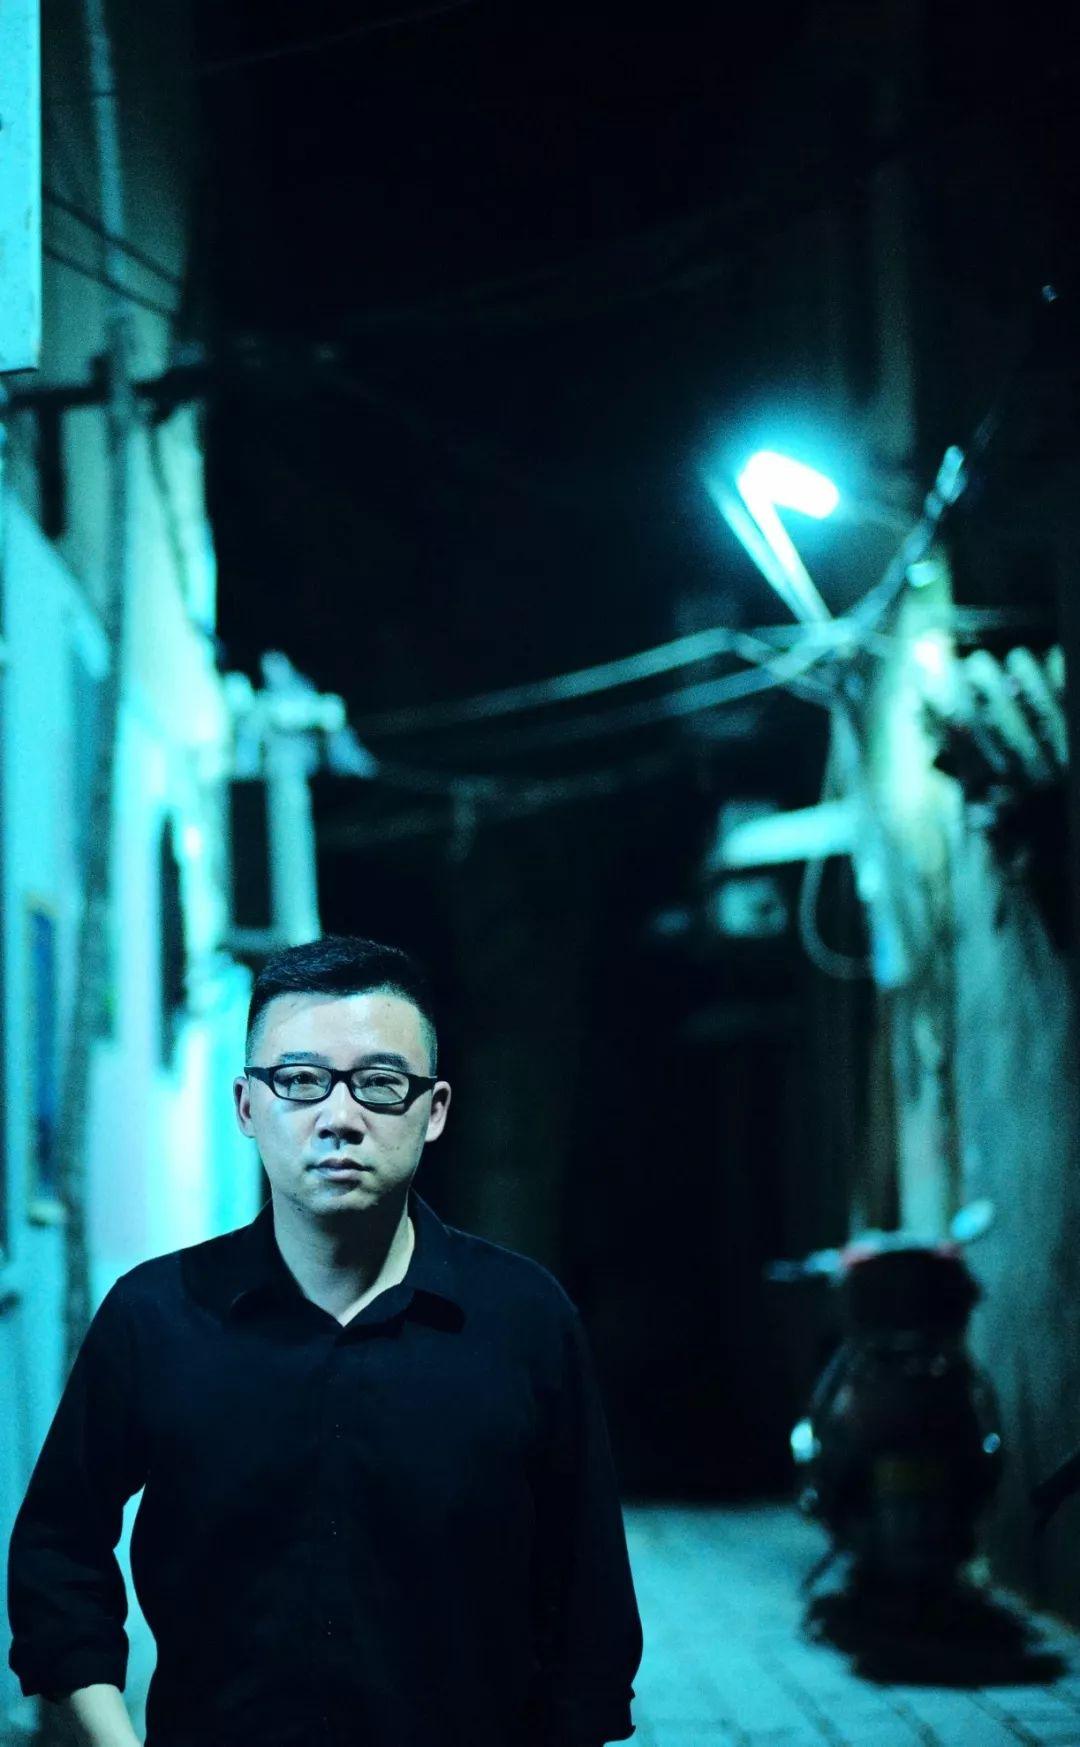 口述 | 湖北省作协主席李修文:我的心是乱的,现在没法写作